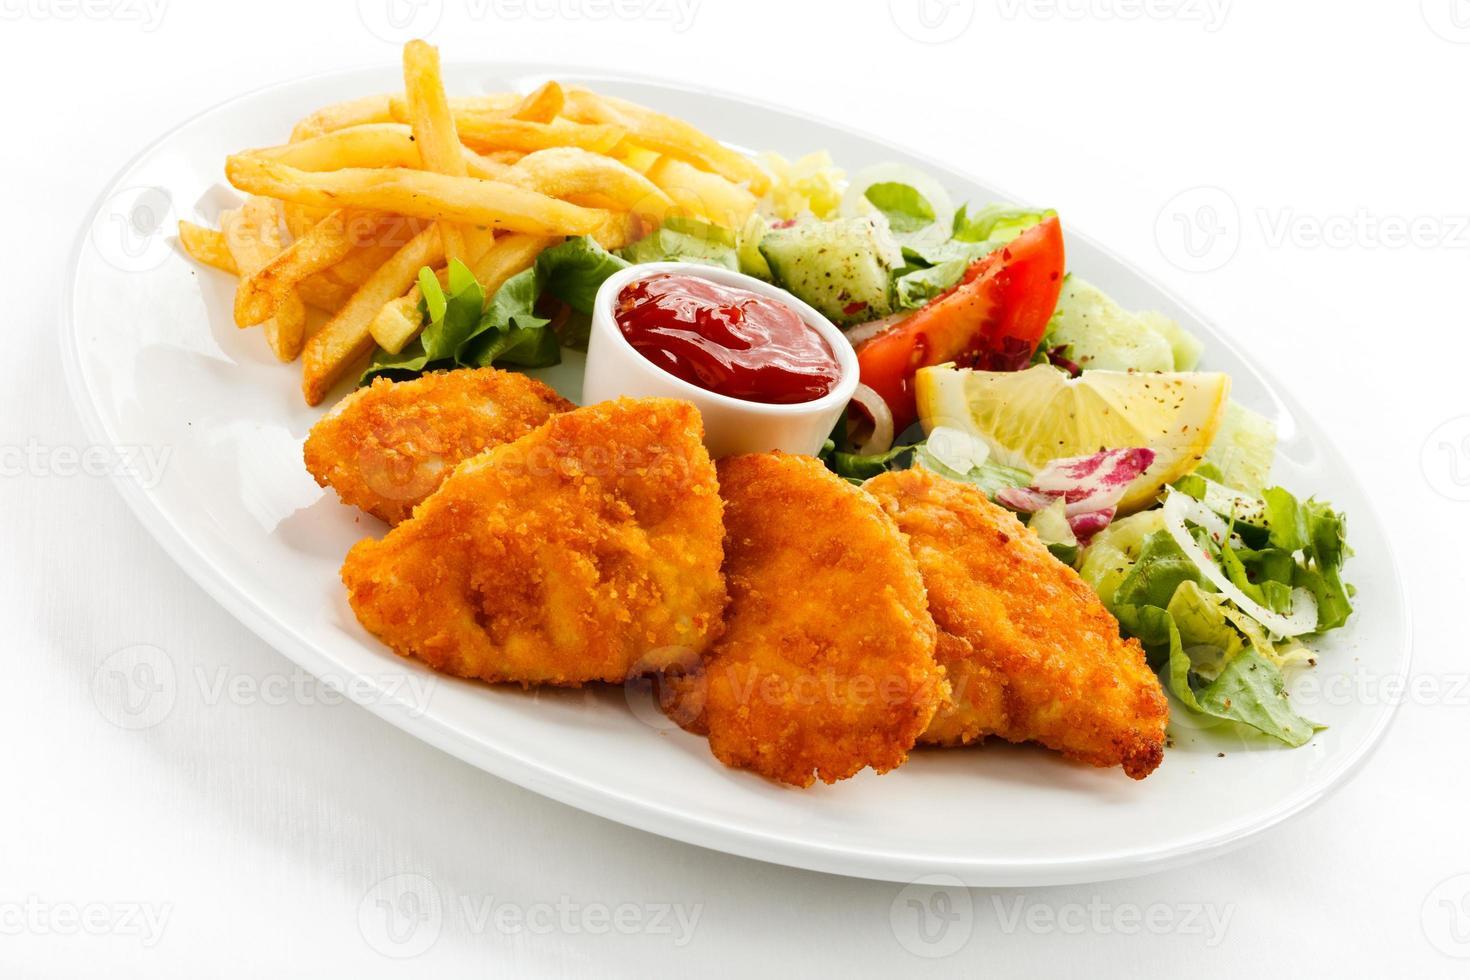 nuggets de pollo frito, papas fritas y verduras foto